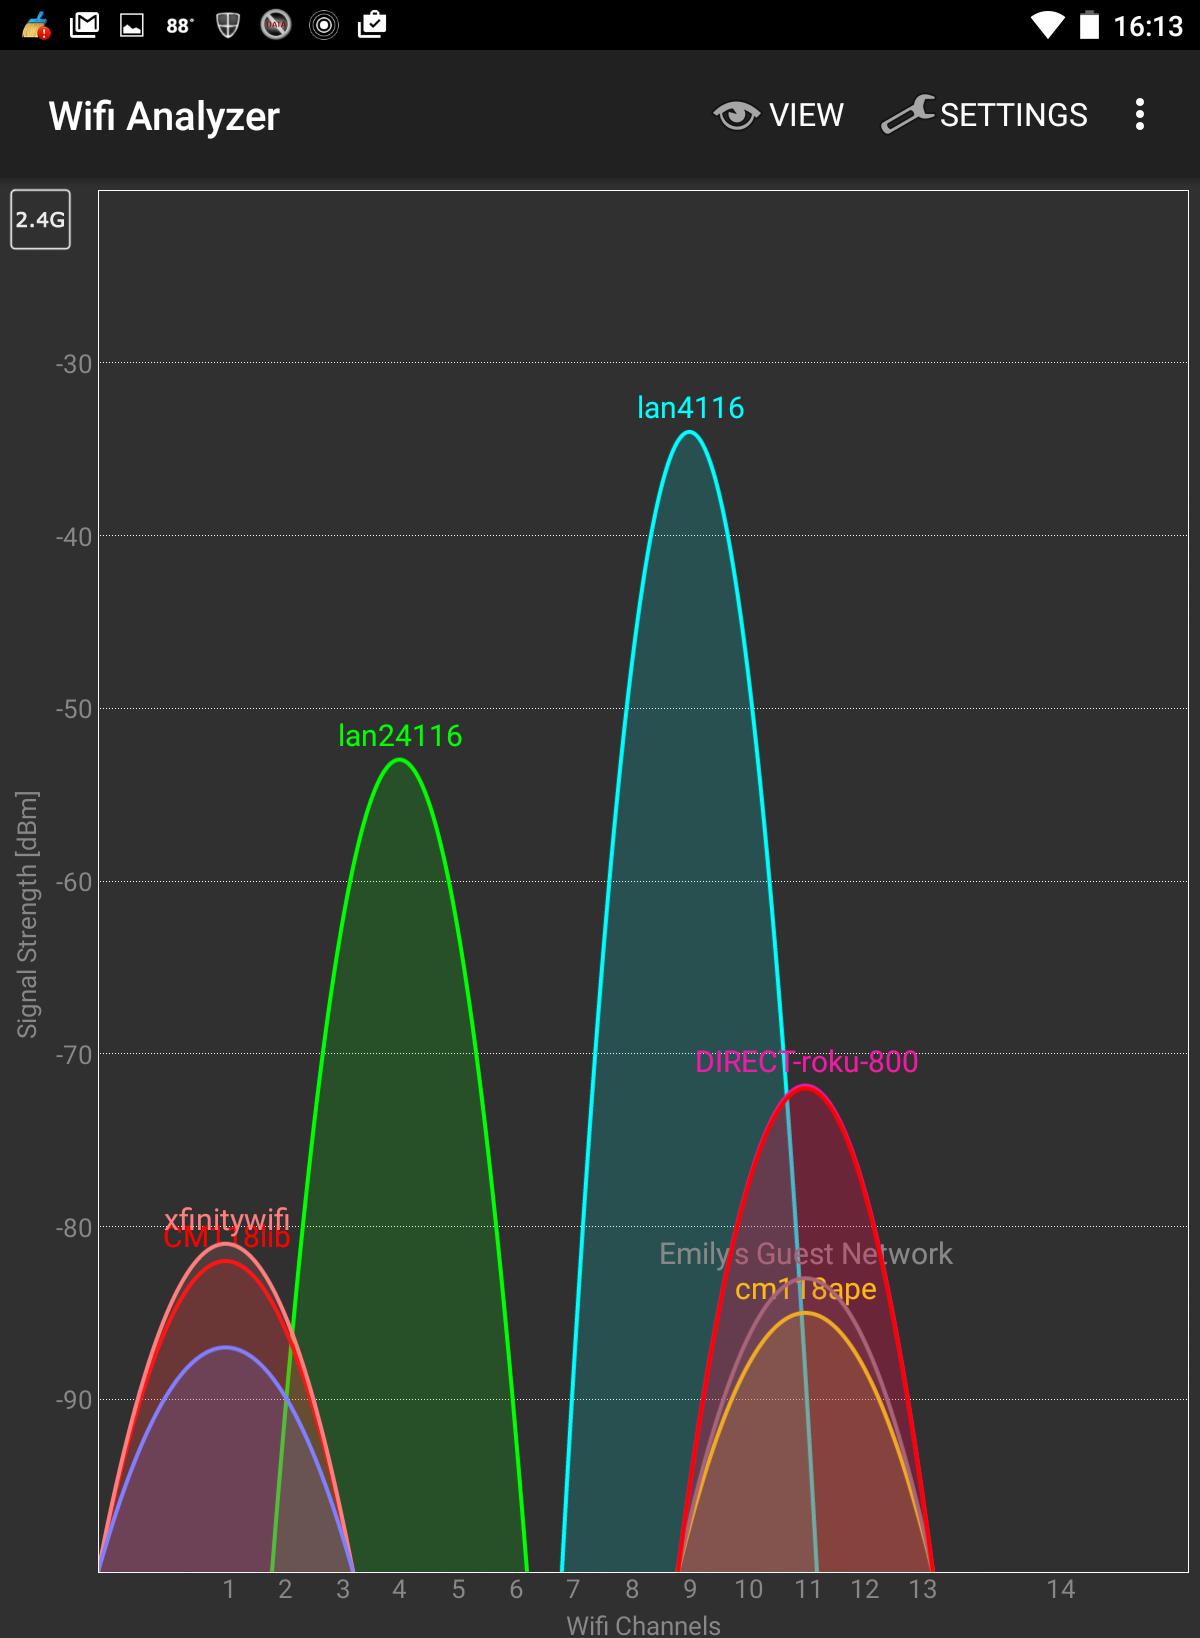 2.5 GHz spectrum